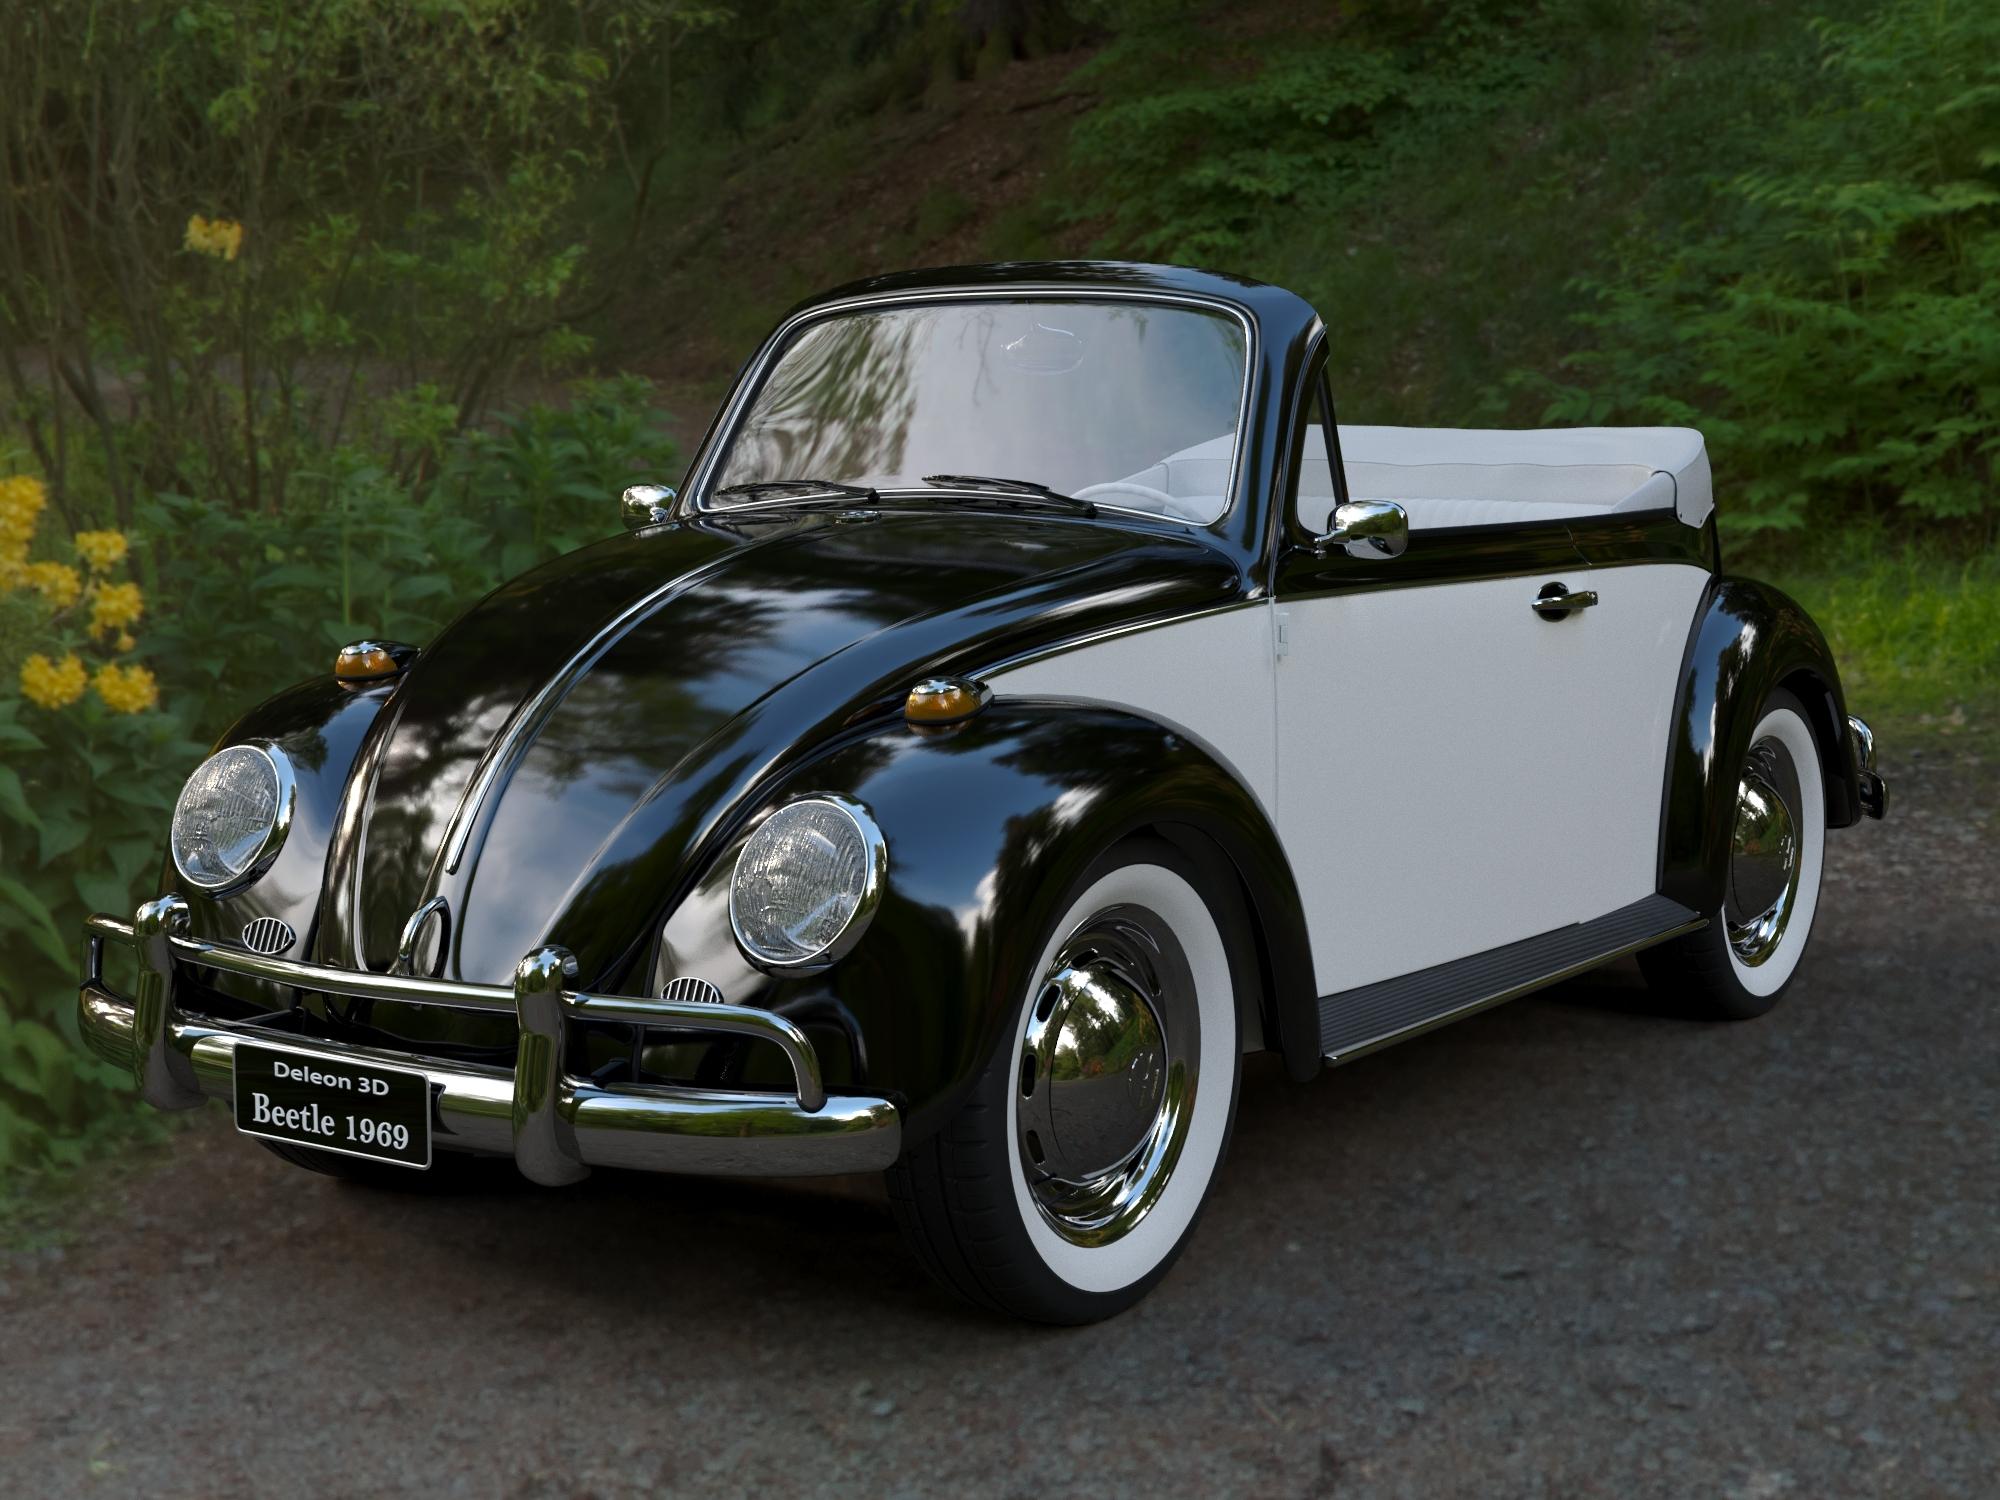 Vw Beetle Convertible >> Volkswagen Beetle Convertible